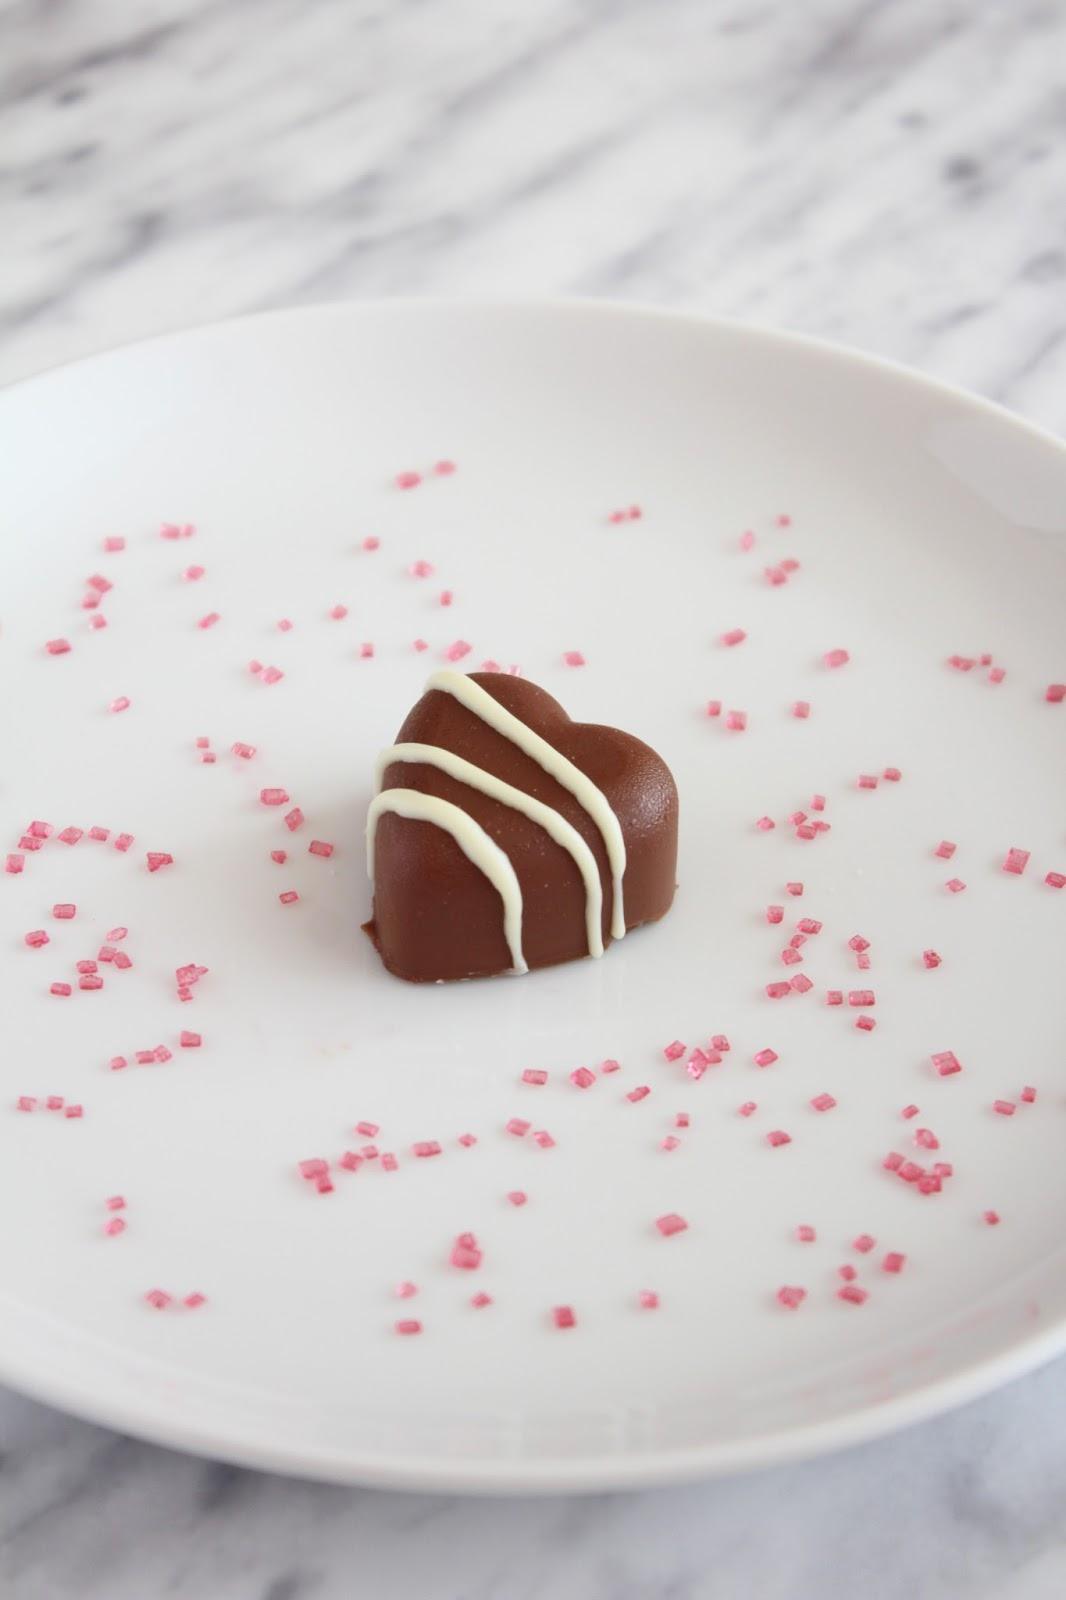 domowe czekoladki z nadzieniem malinowym - przepis